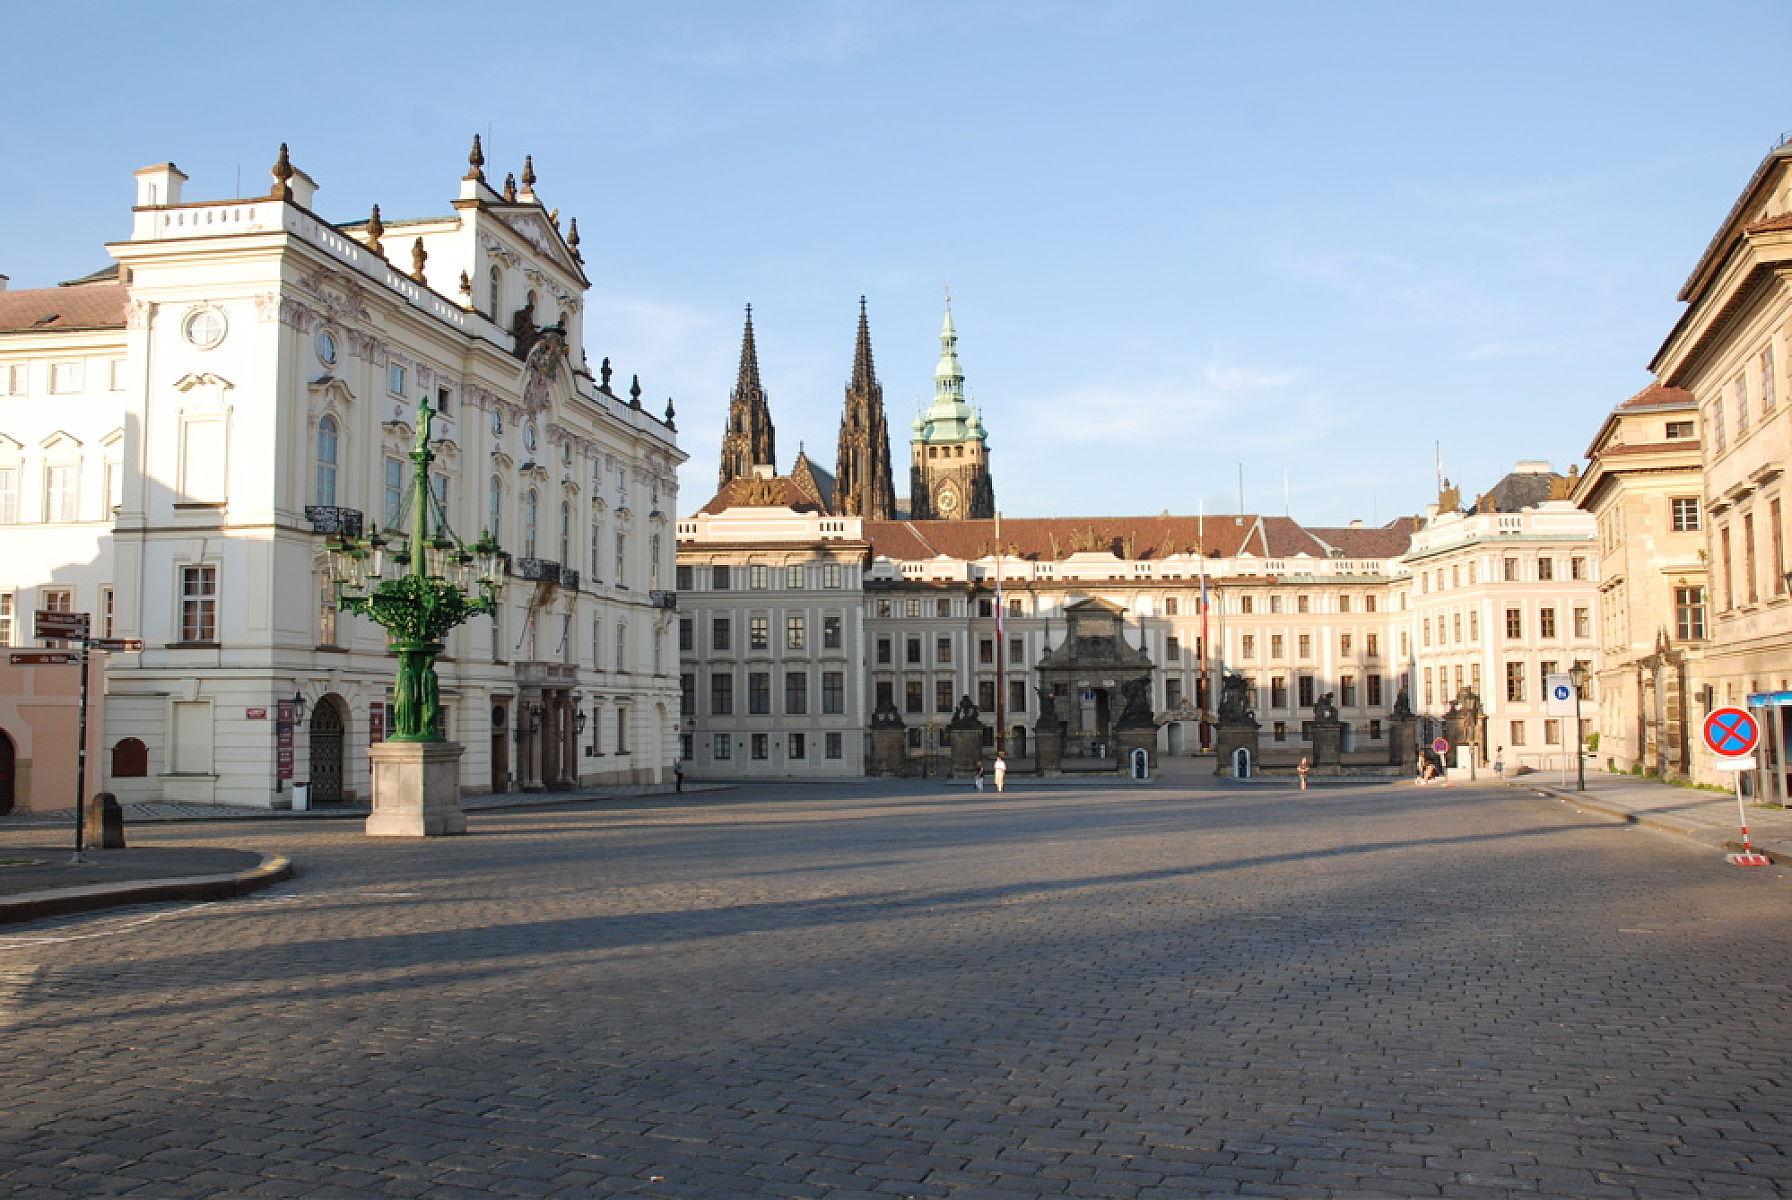 Архиепископский дворец с видом на Град